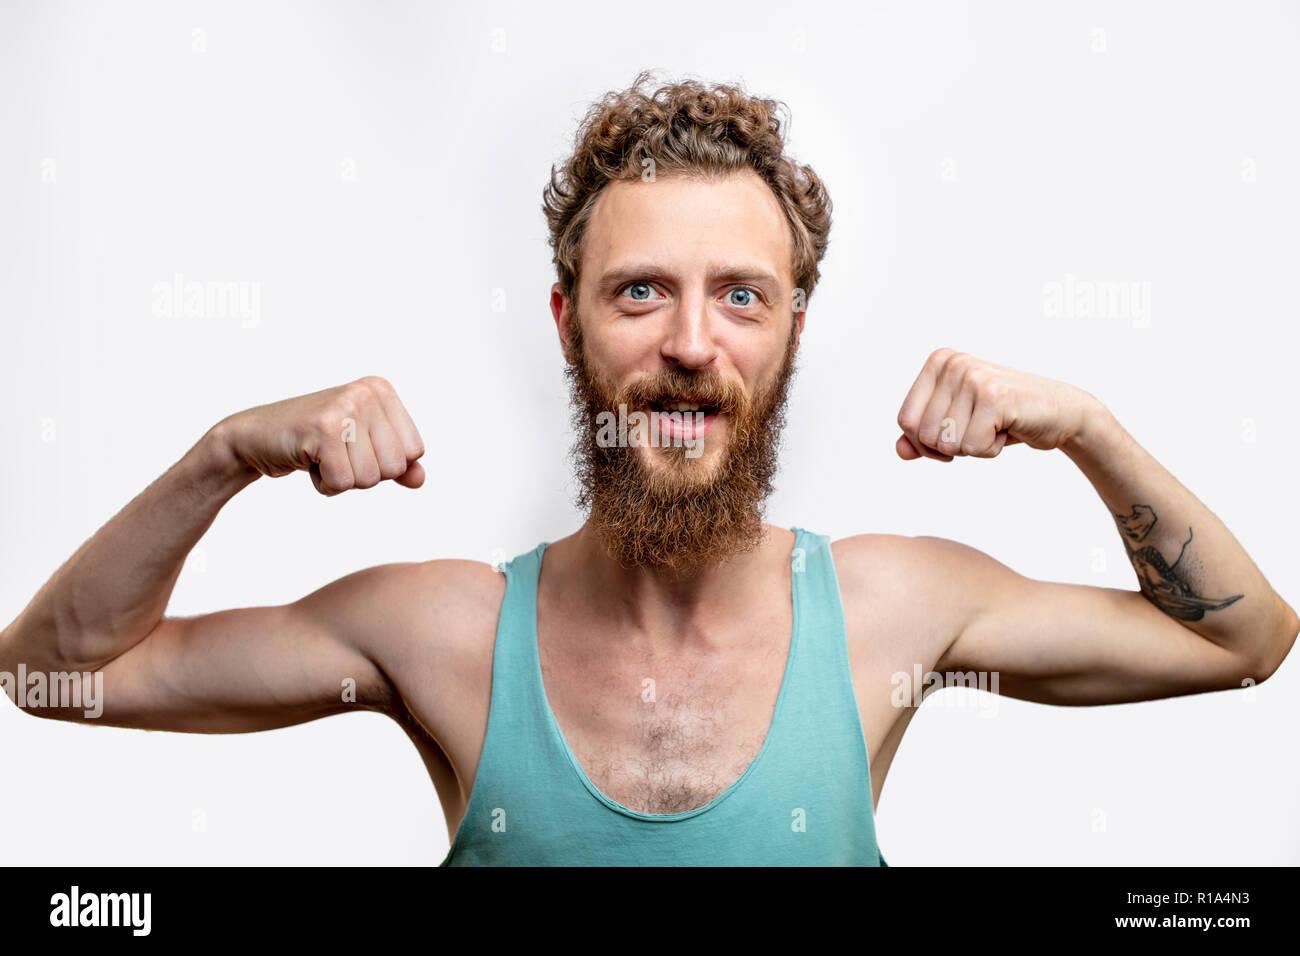 Homme Anorexique Photo jeune homme skinny slim, beau garçon, corps anorexique banque d